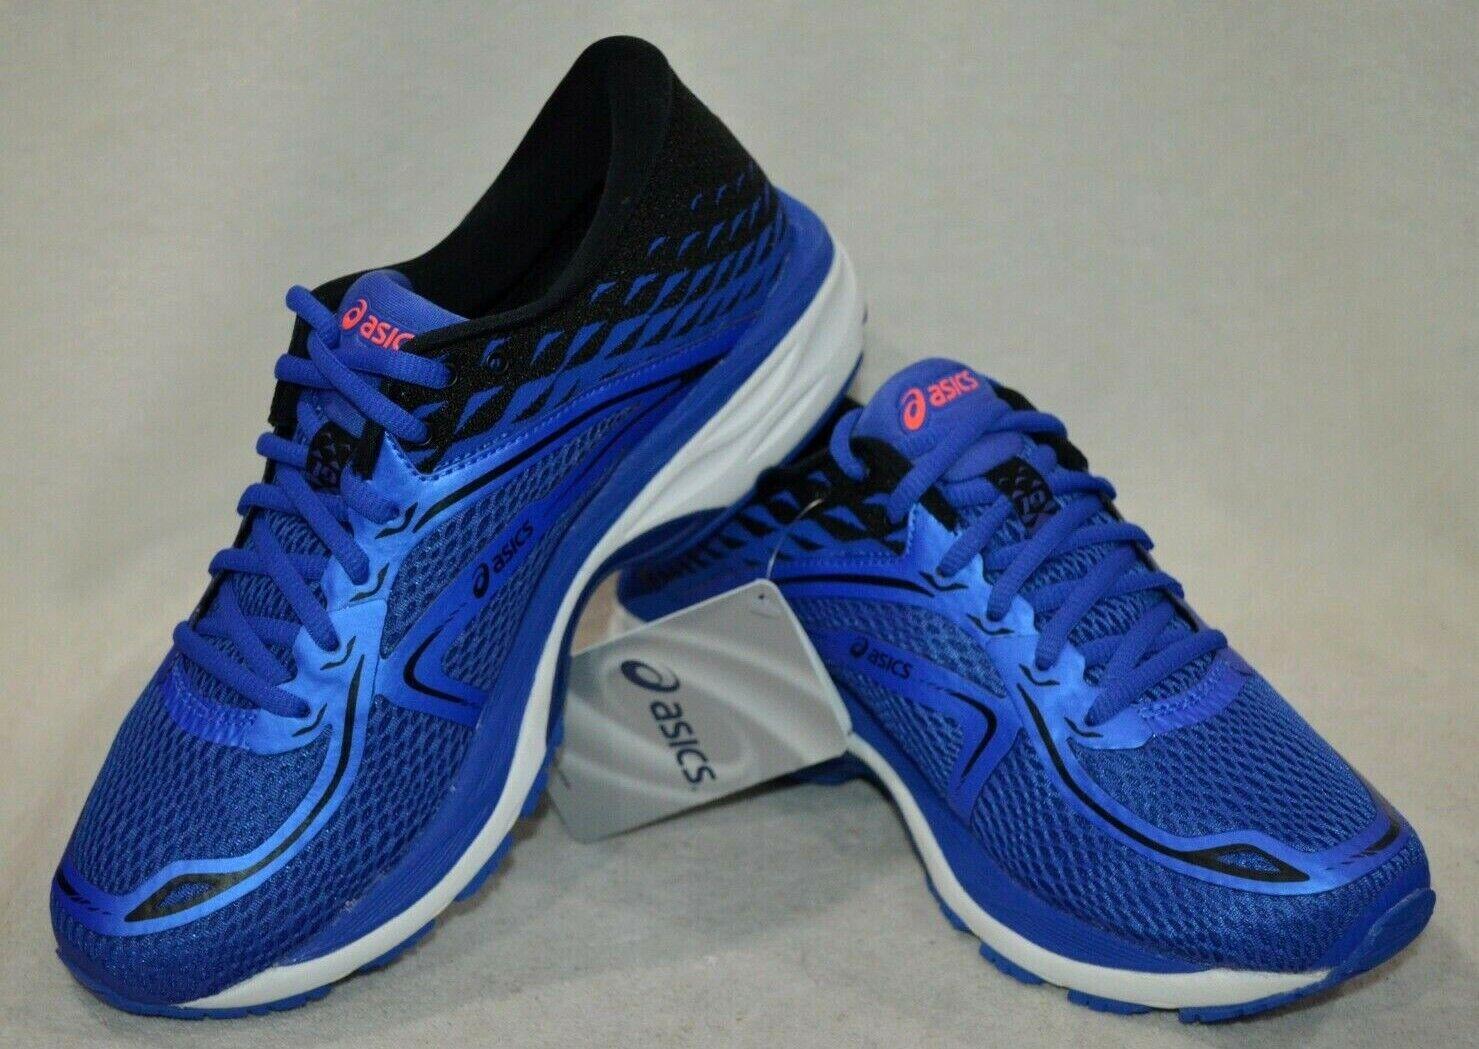 ASICS GEL-CUMULUS 19 blu viola nero Coral Wouomo Running scarpe-Dimensione 7.5 NWB